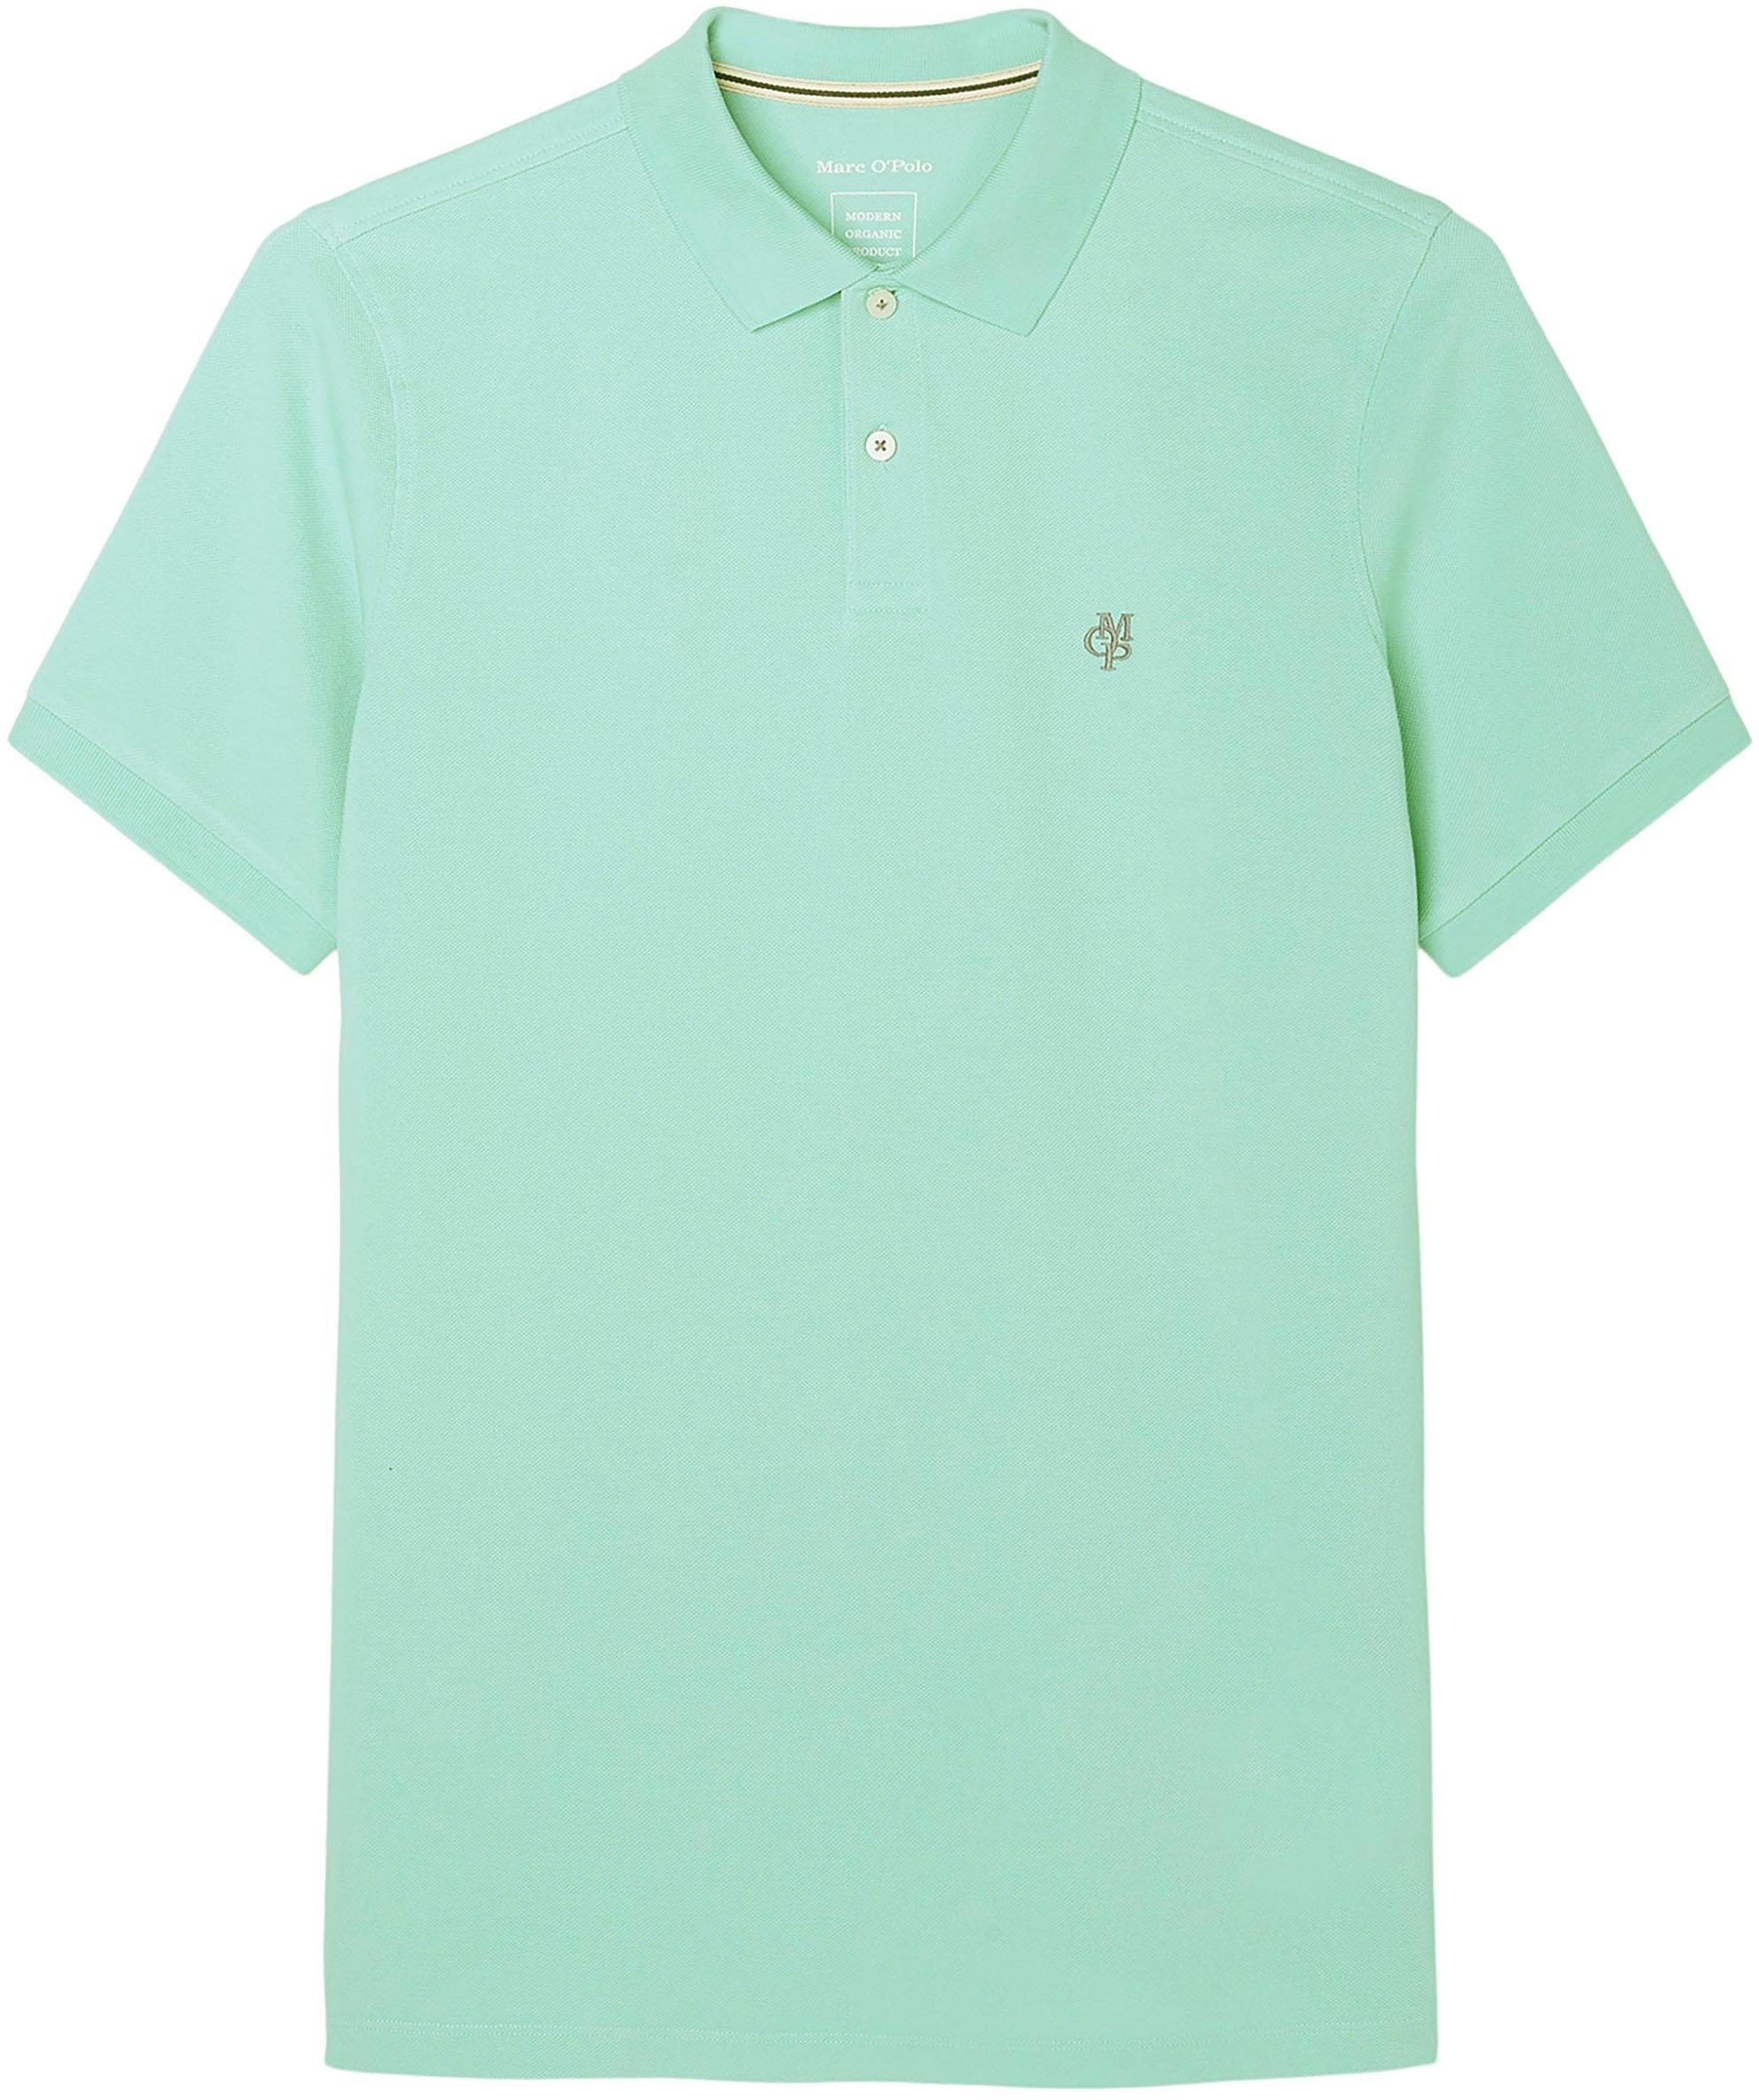 Marc O'Polo Poloshirt met elastische mouwboorden bestellen: 30 dagen bedenktijd